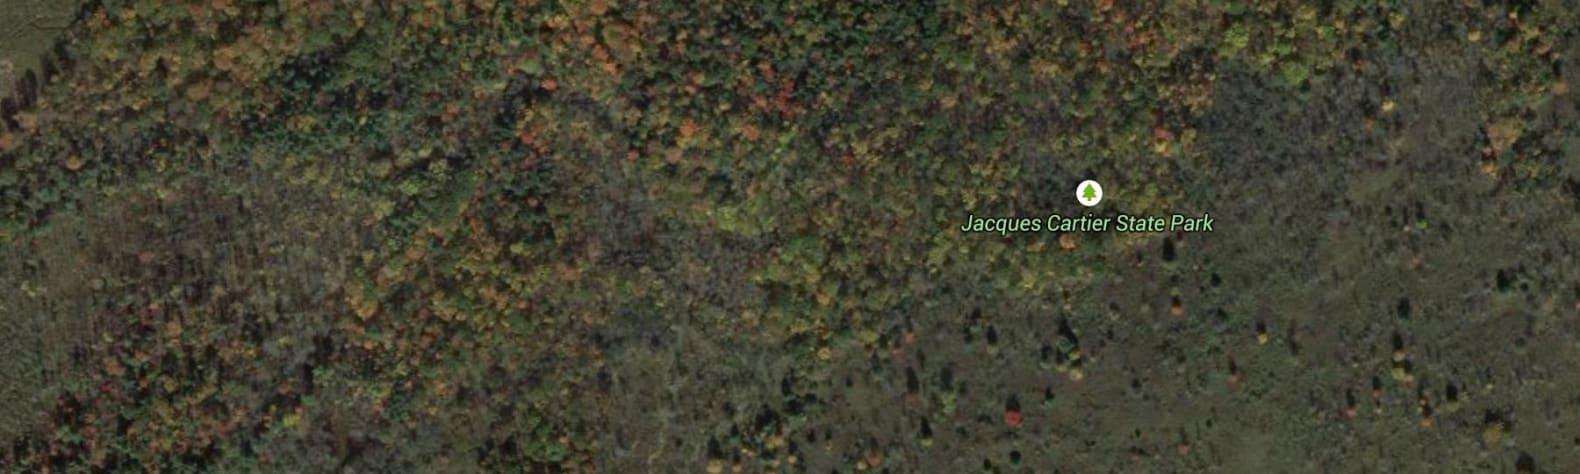 Jacques Cartier State Park